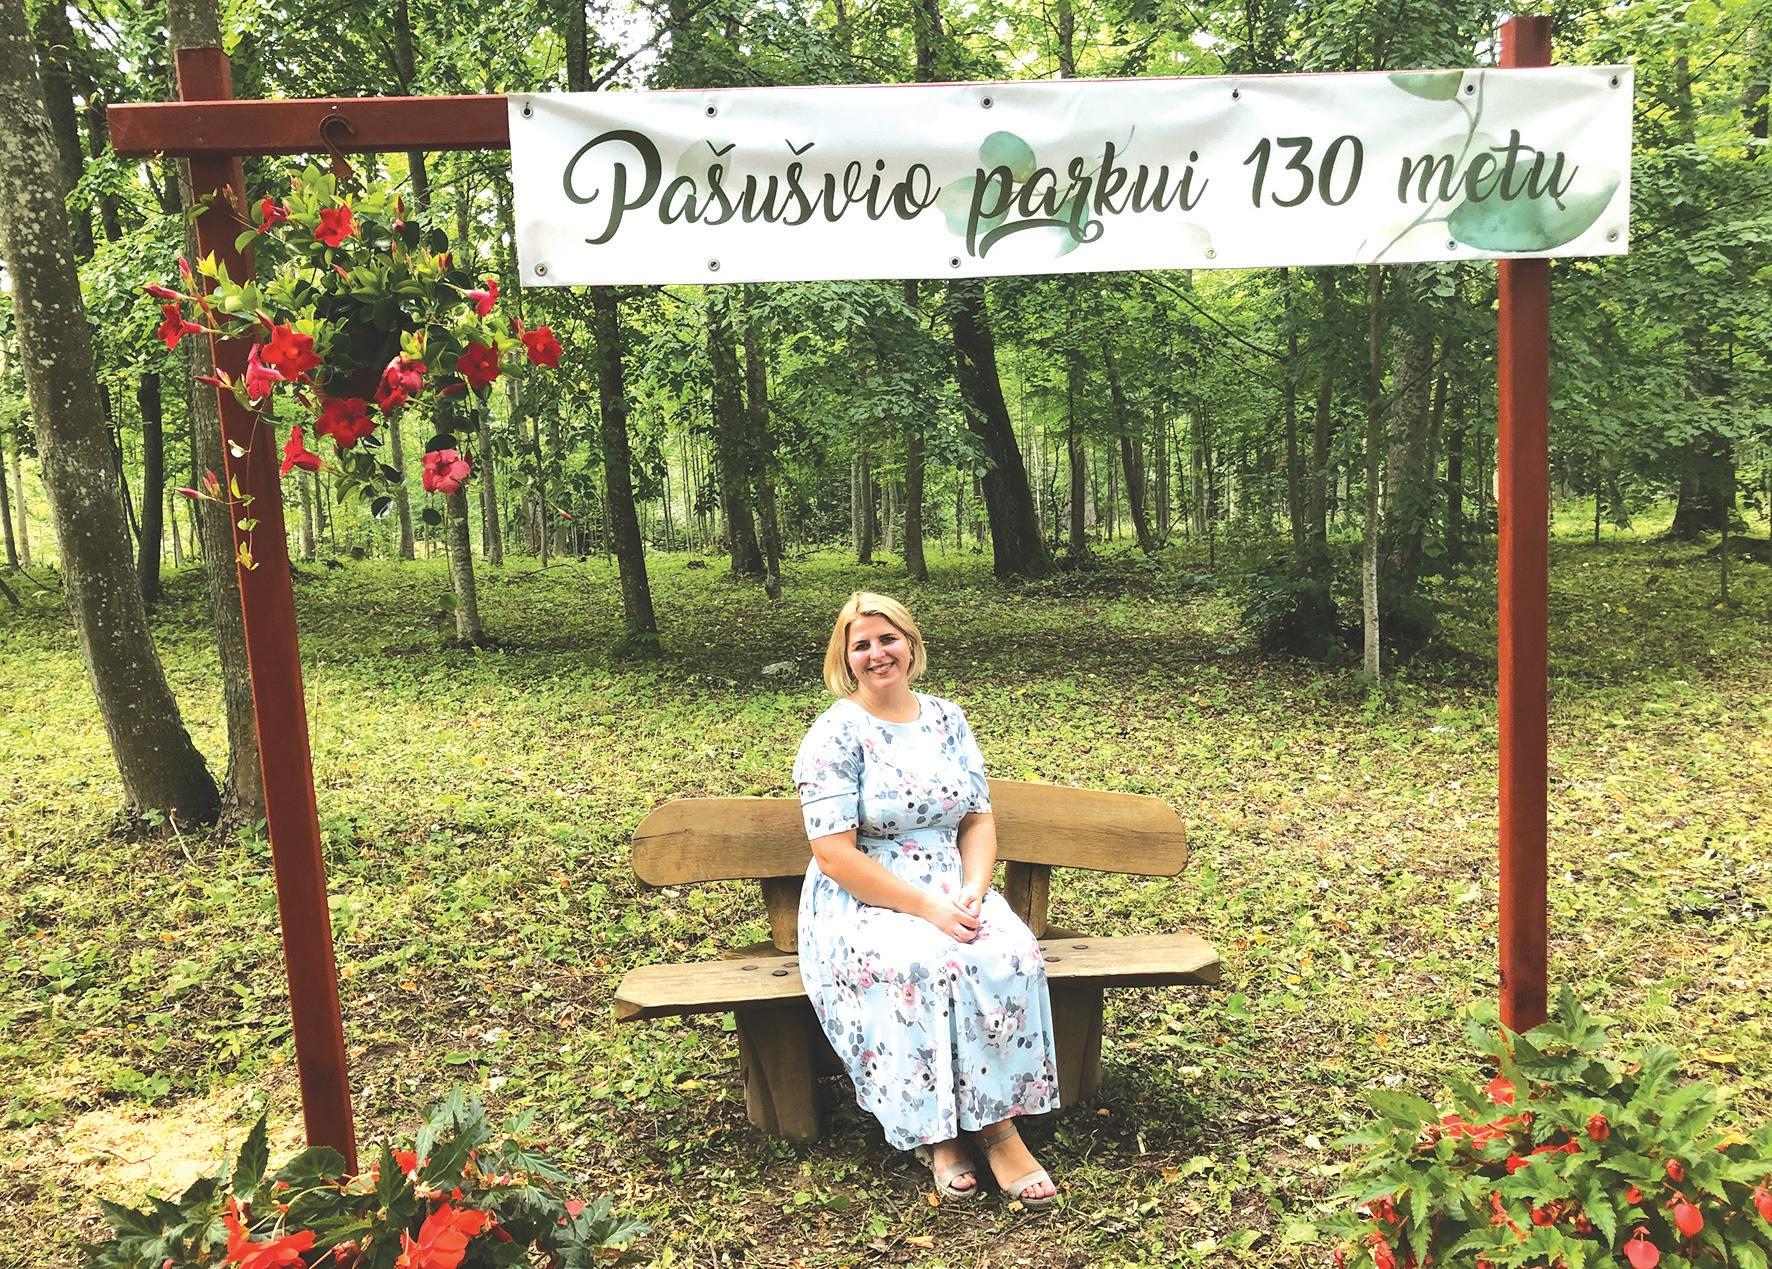 Antrus metus Plinkaigalio bendruomenės pirmininkės pareigas einanti Inga Dovydienė pasidžiaugė Pašušvio parke surengtu minėjimu ir tikina, kad renginys skirtas Pašušvio parko 130 metų jubiliejui – sėkmingas. /Džestinos Borodinaitės nuotr.